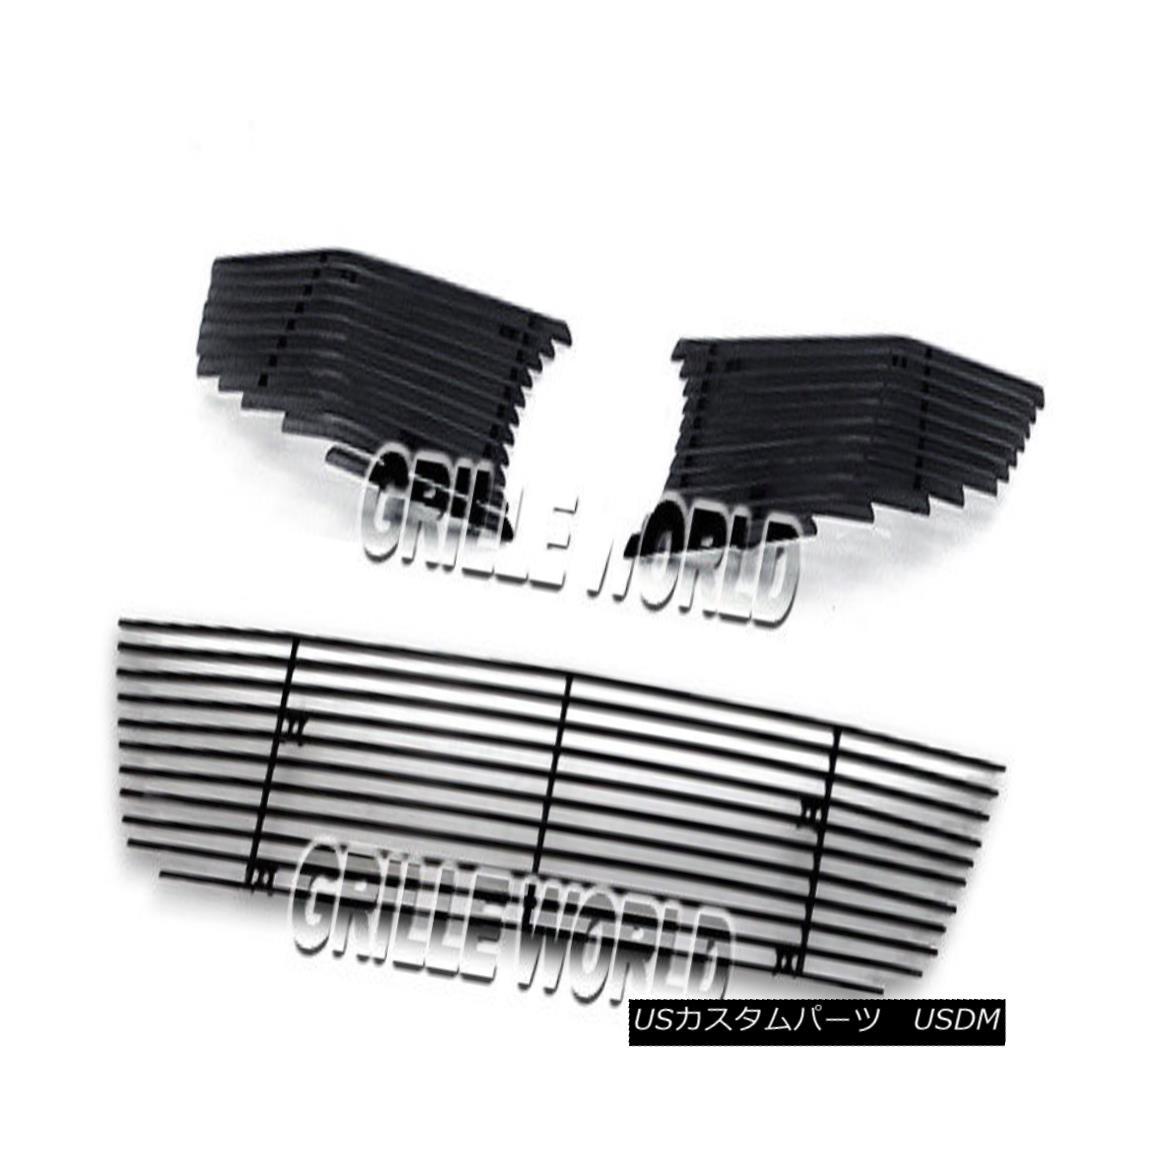 グリル For 2009-2011 Honda Civic Coupe Black Billet Premium Grille Grill Combo Insert ホンダシビッククーペブラックビレットプレミアムグリルグリルコンボインサート